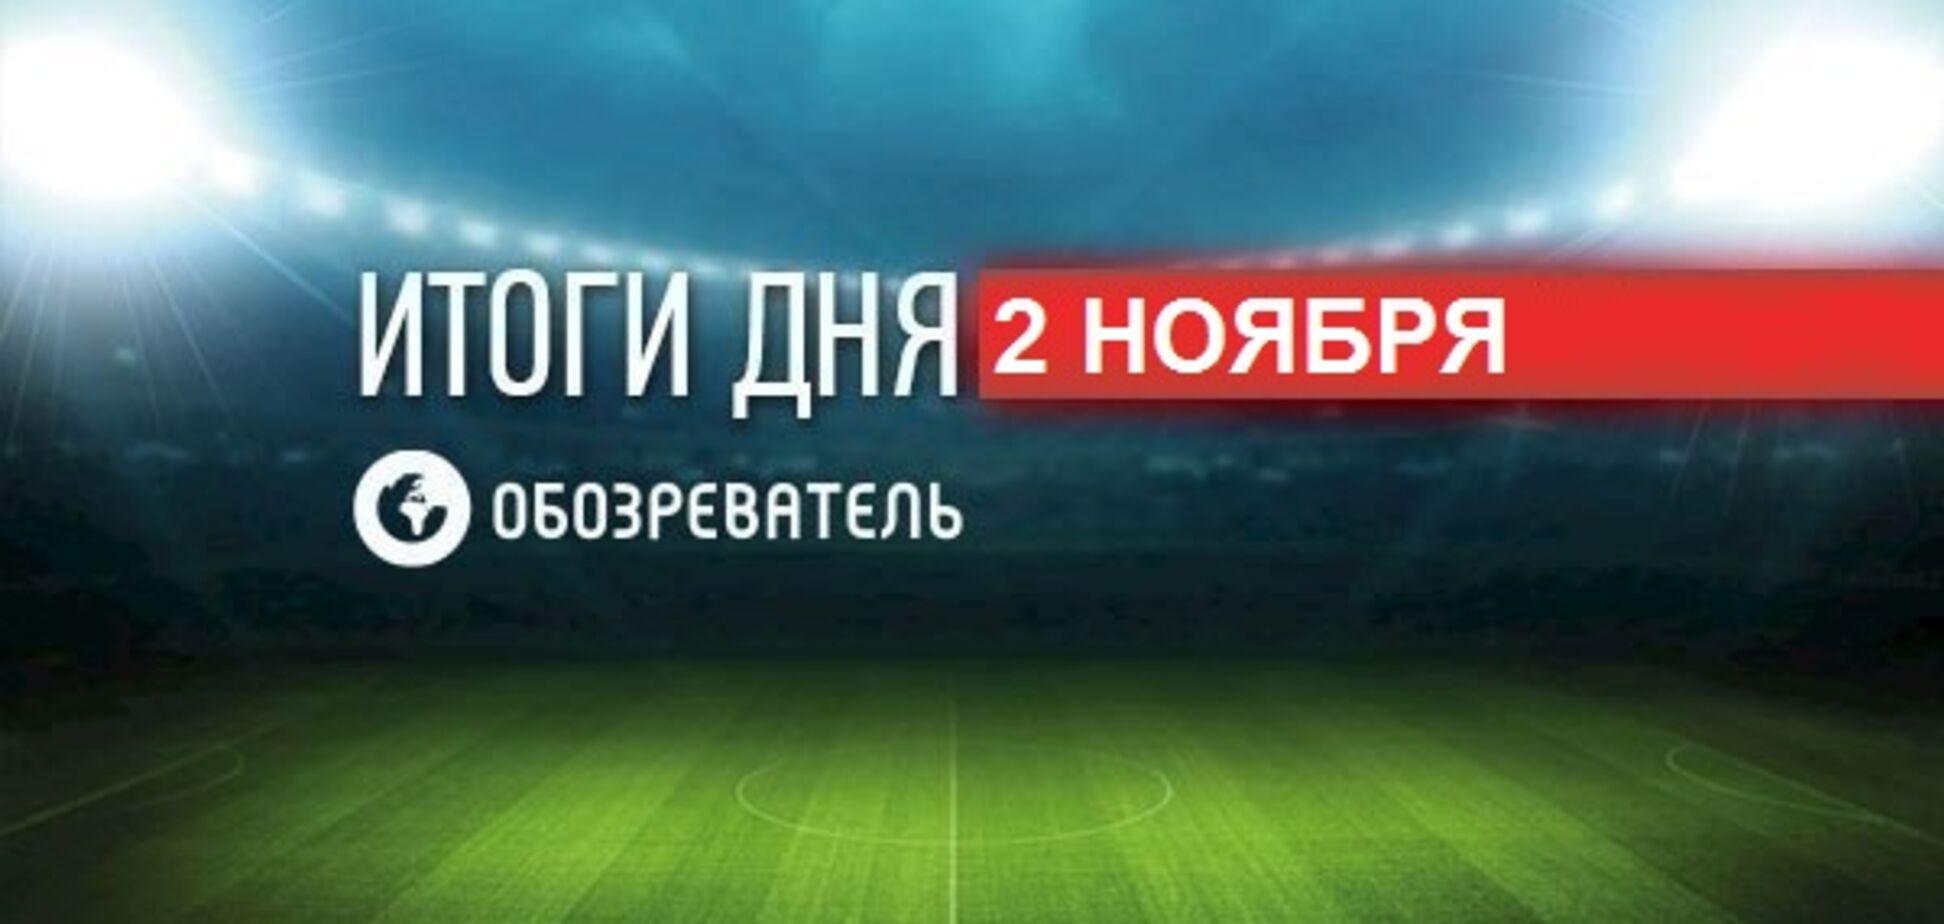 Організатори Олімпіади назвали Україну регіоном Росії: спортивні підсумки 2 листопада